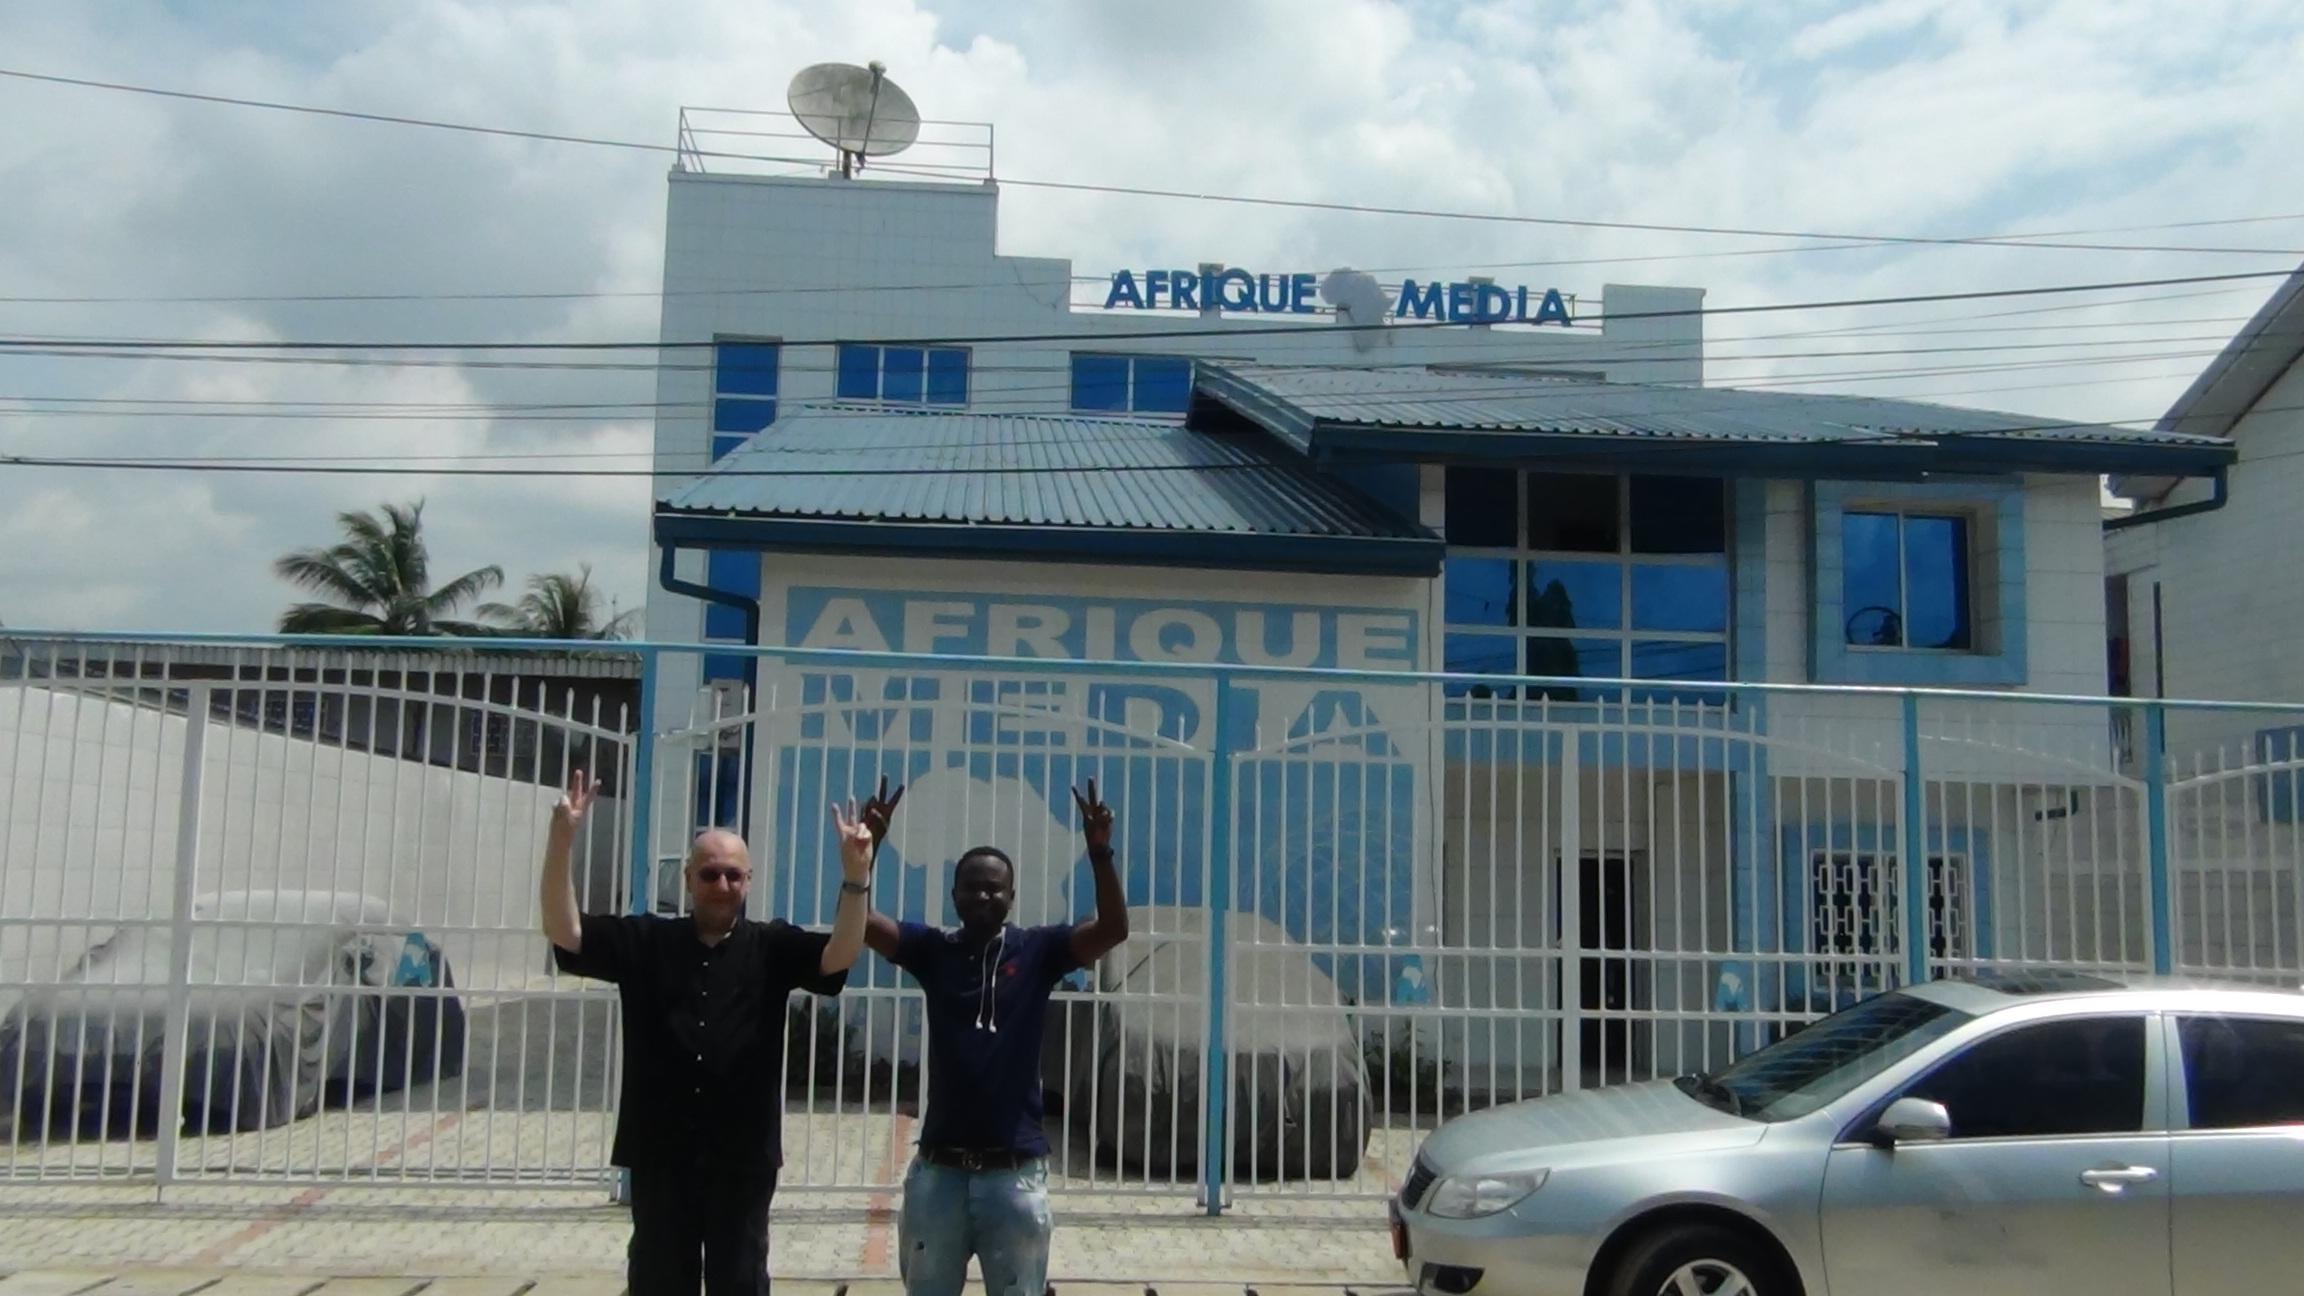 AMTV - AM2016 tour de Douala (2015 11 23)  FR (1)